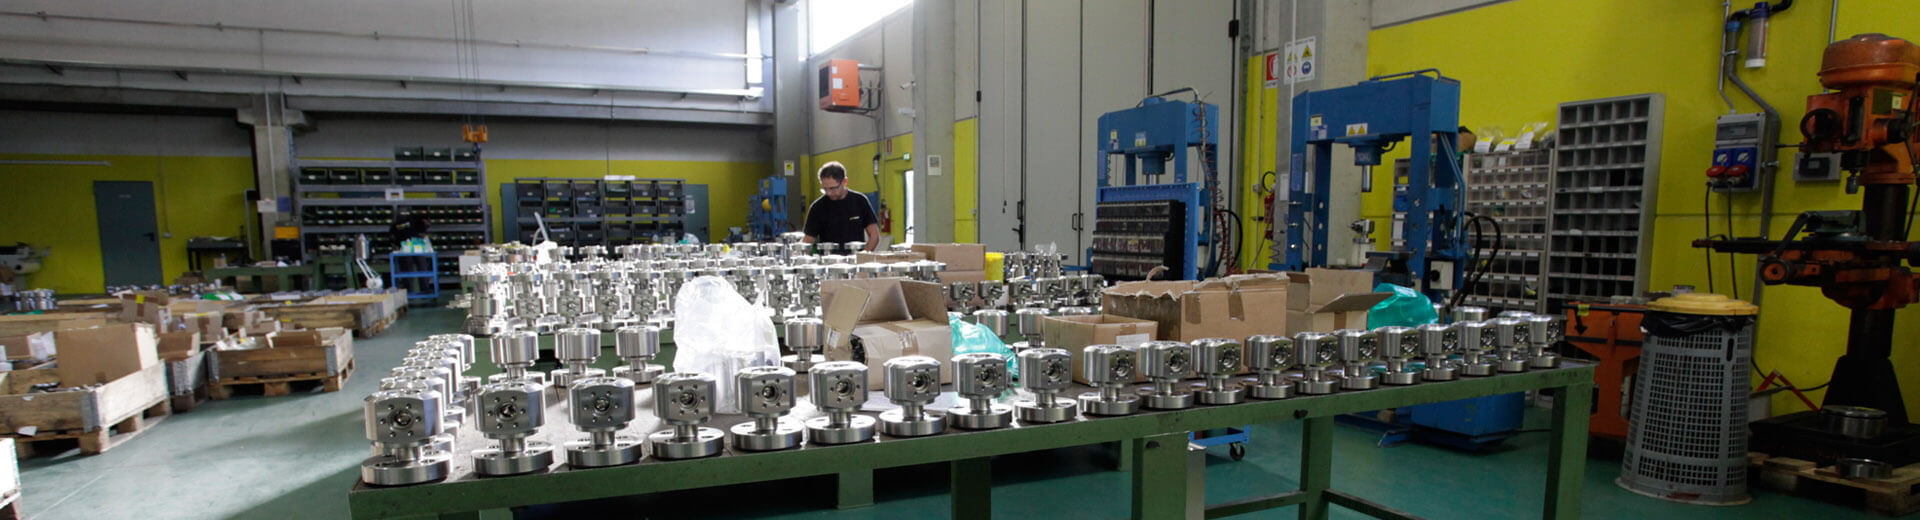 Steeltrade-valvole-industriali_2-1